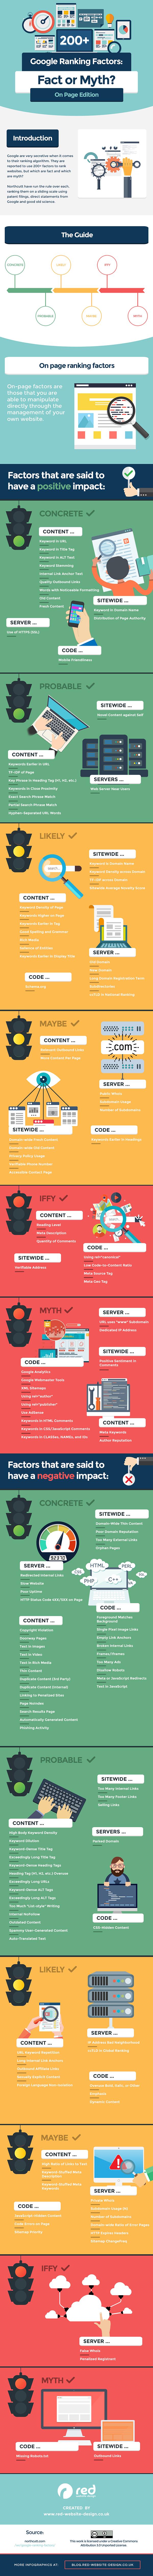 Factores on page claves para el posicionamiento en línea: Mito vs. Realidad